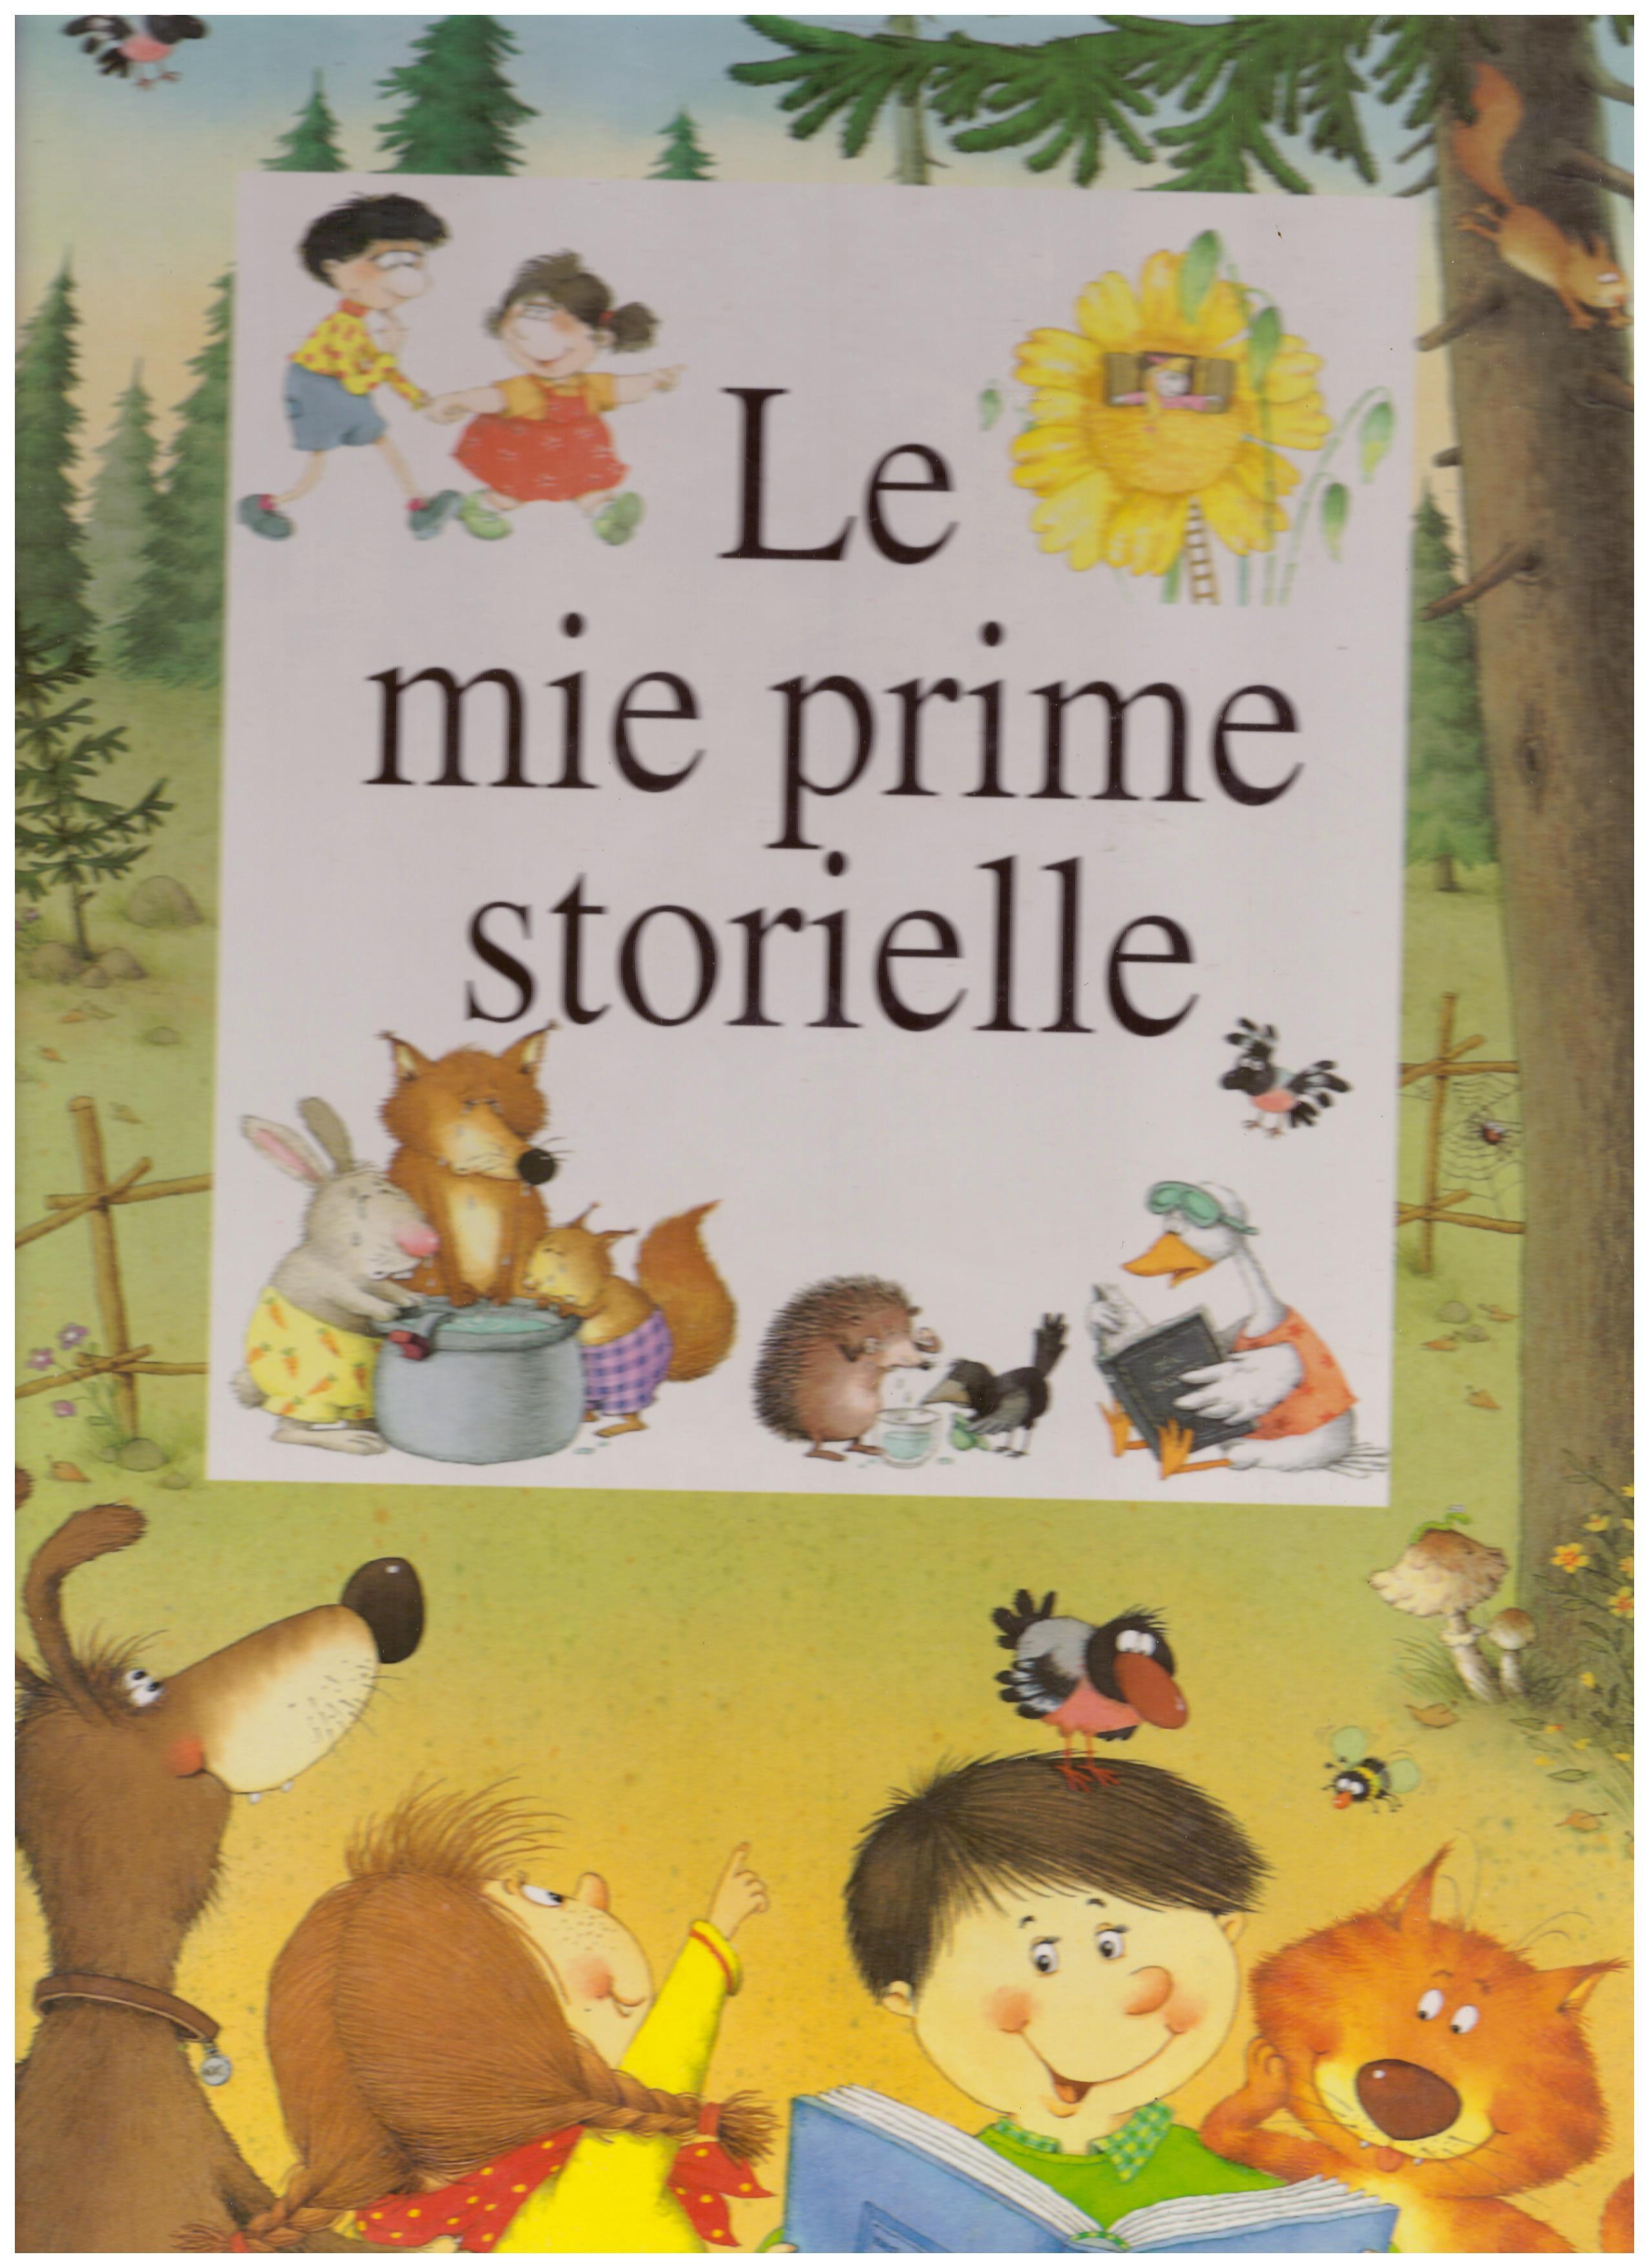 Titolo: Le mie prime storielle    Autore: AA.VV.     Editore: Lito Editore